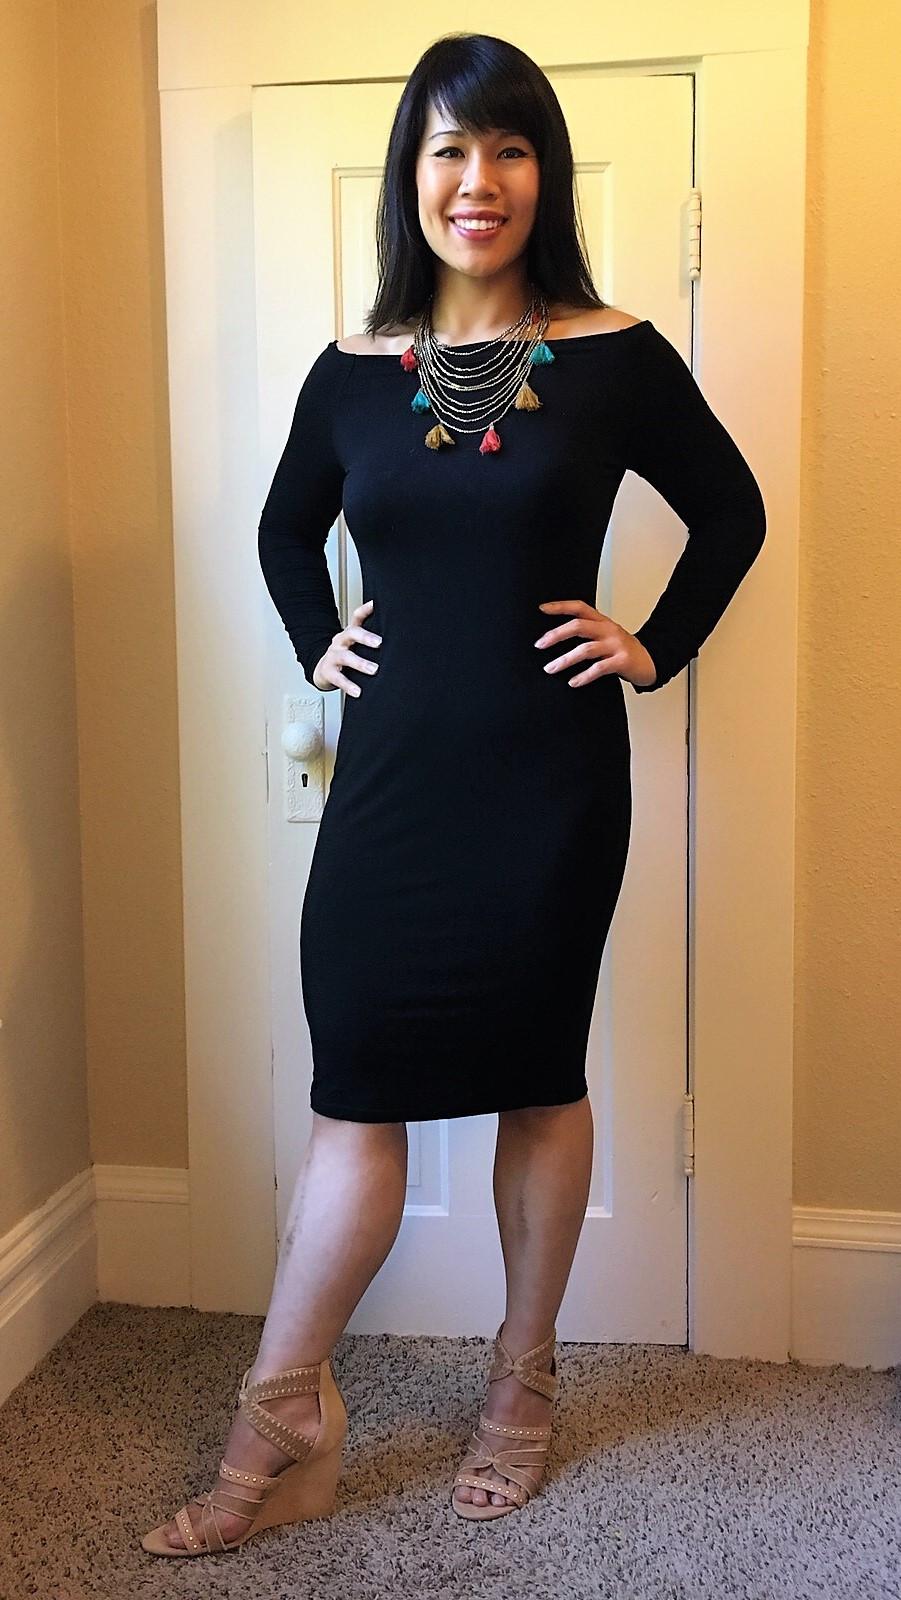 Kat wearing off the shoulder dress during postpartum